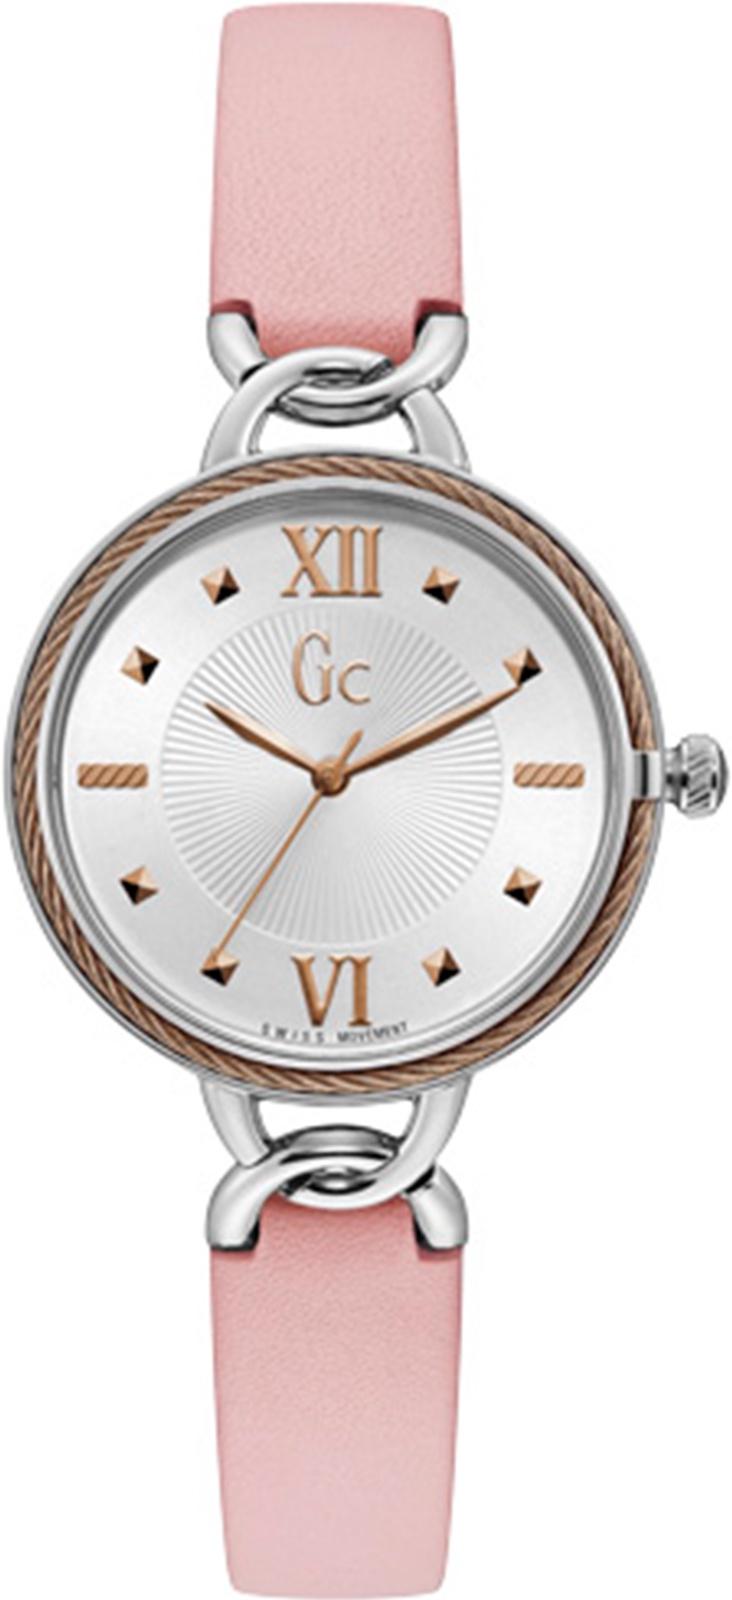 Наручные часы Gc CableTwist